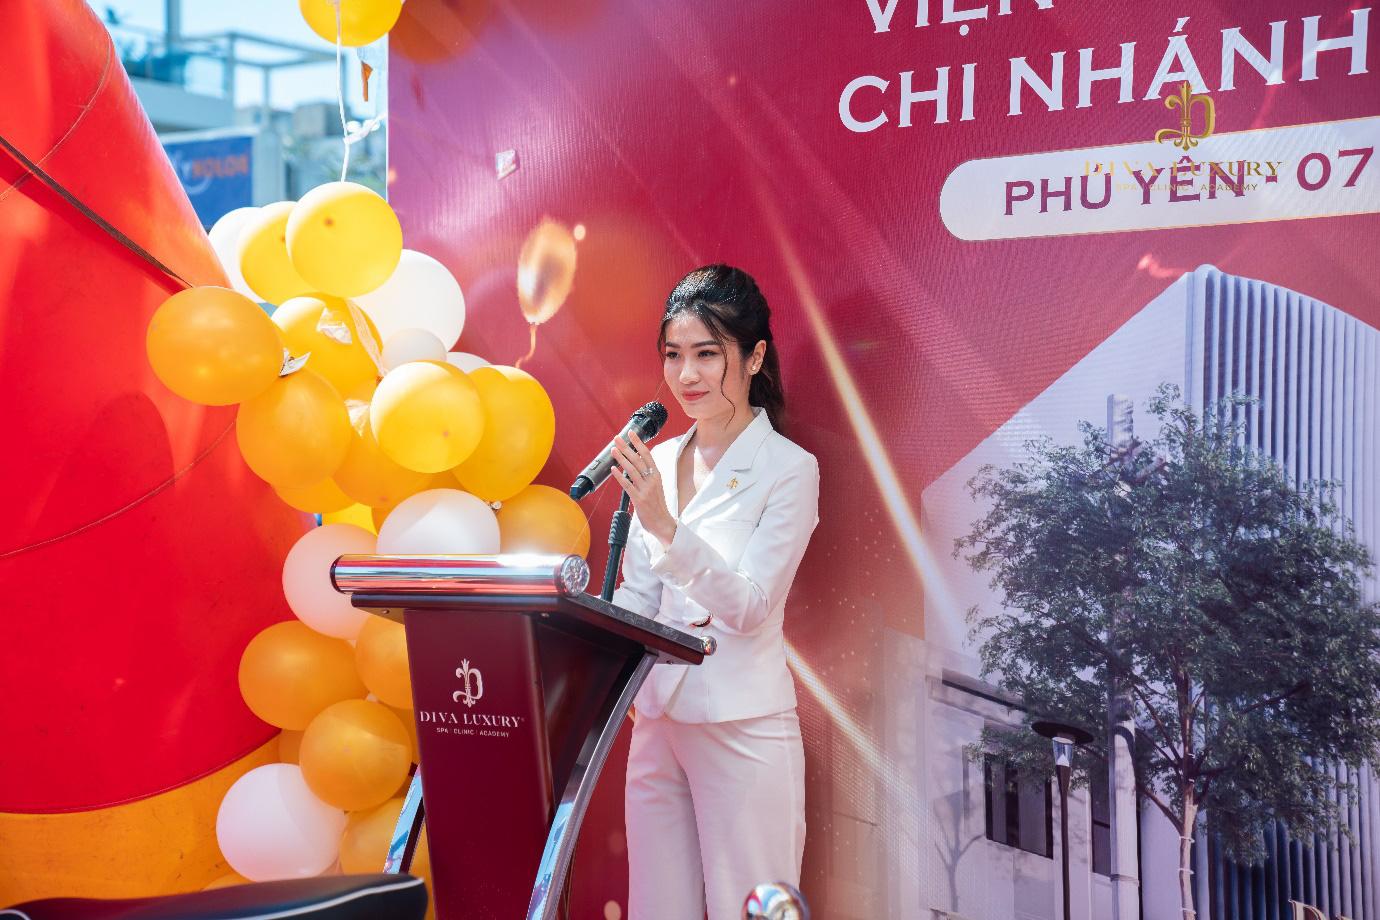 Viện thẩm mỹ DIVA Phú Yên kín khách trong ngày đầu khai trương - Ảnh 4.